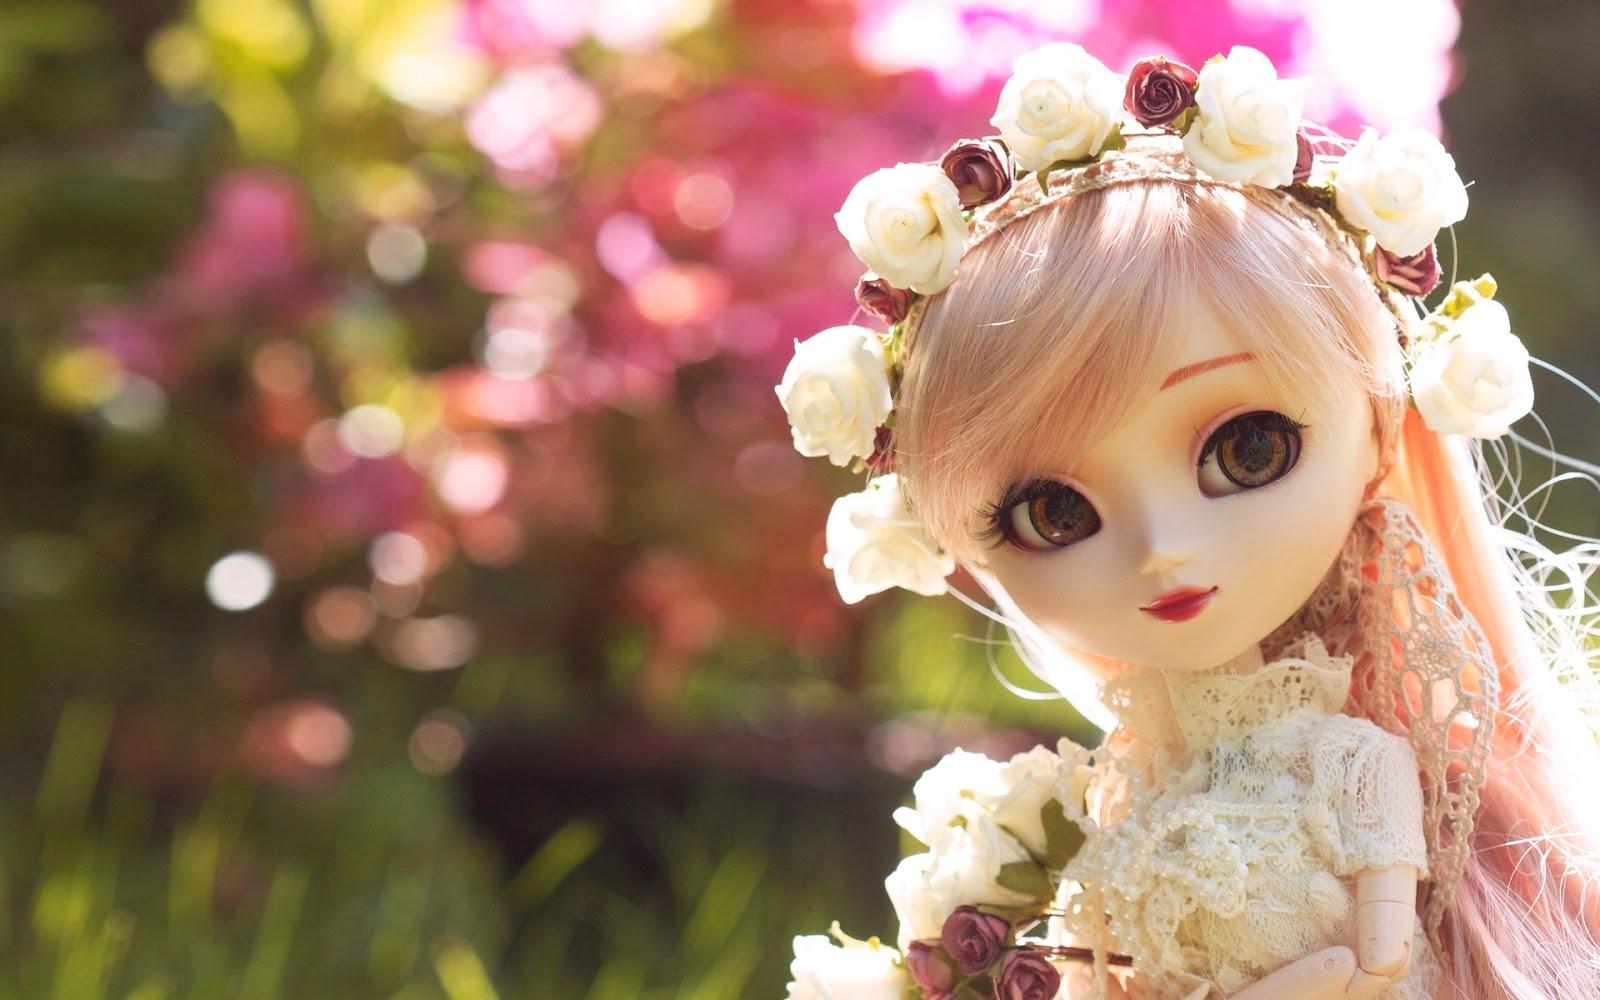 Beautiful Doll HD Wallpaper